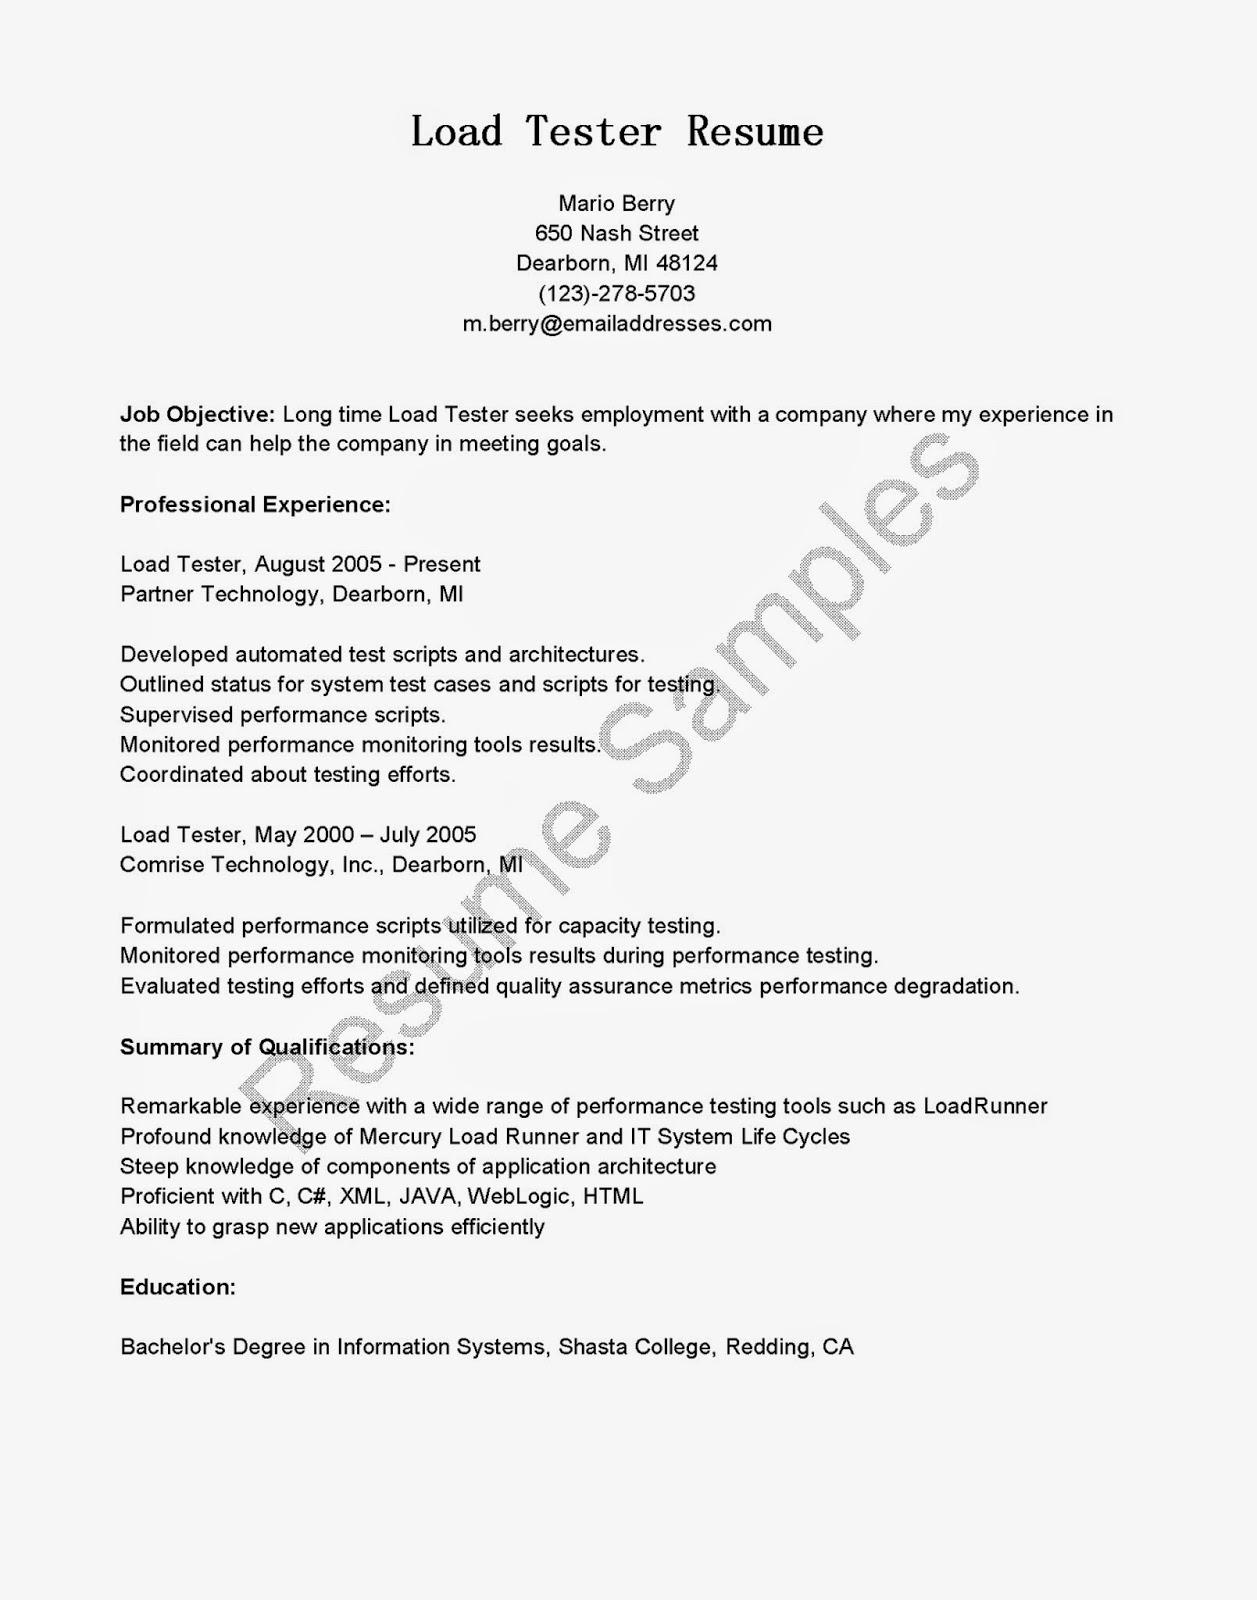 resume samples  load tester resume sample